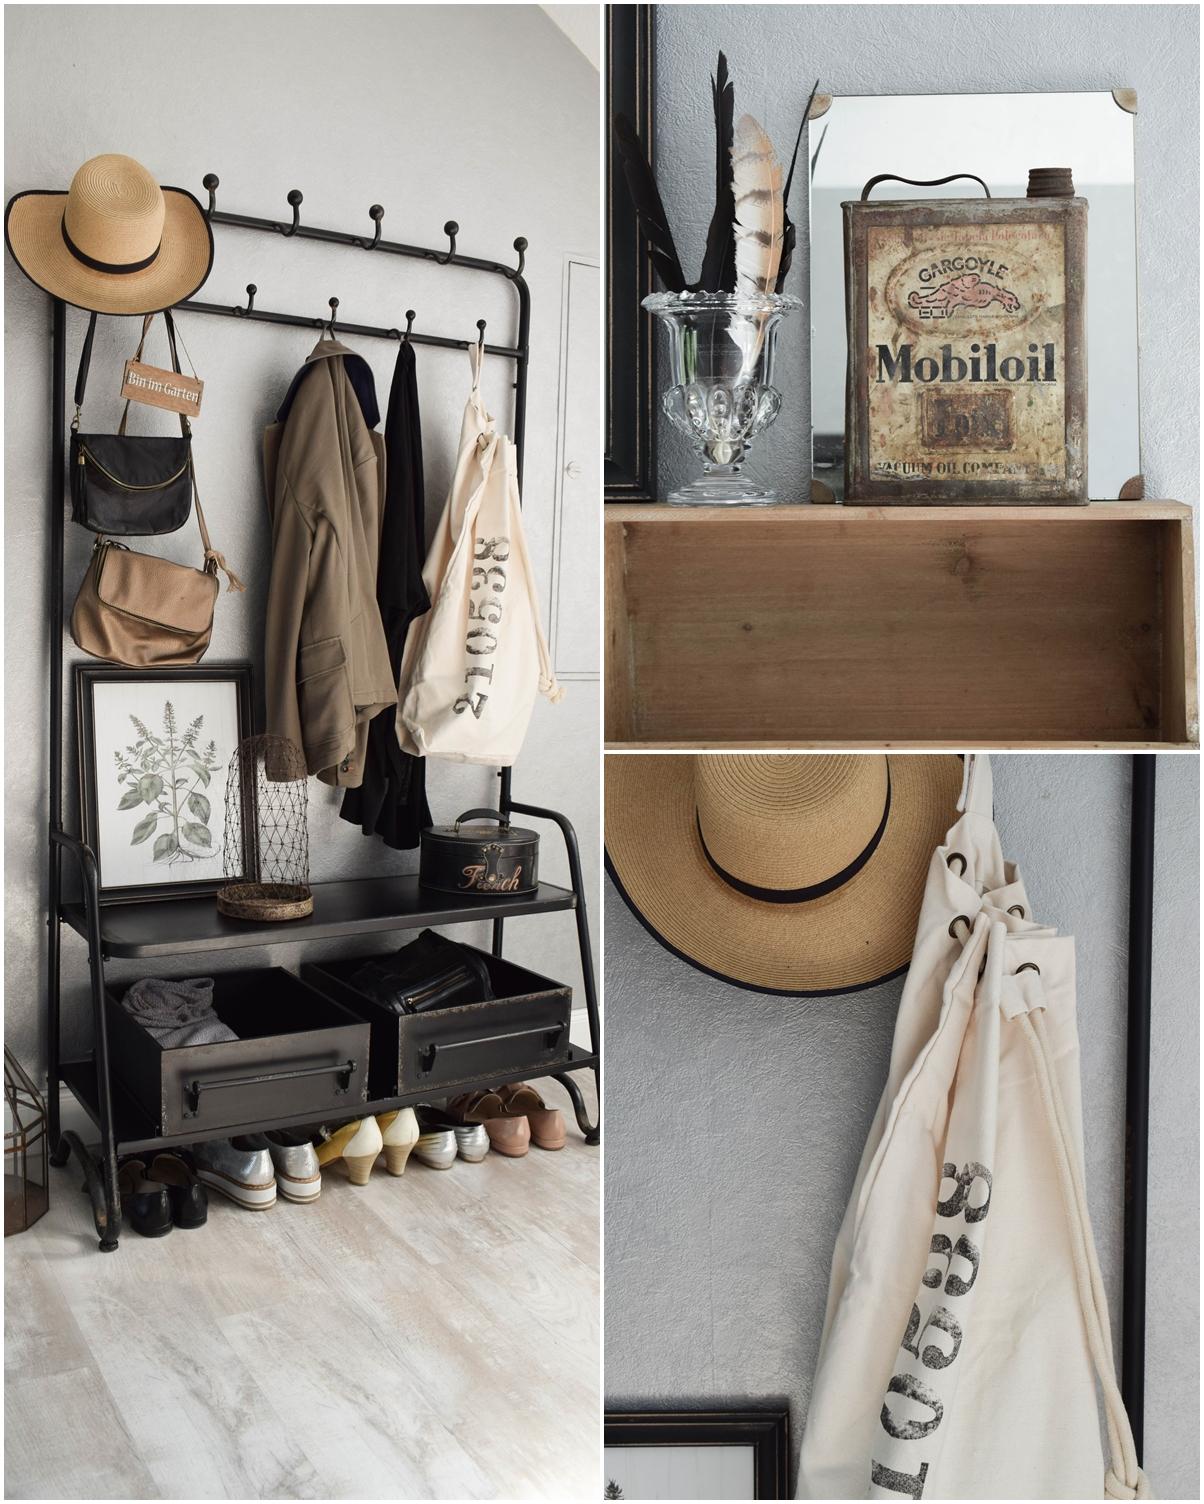 Garderobe Diele Flur Eingangsbereich Deko Dekoidee Interior Einrichtung WENKO Wäschesammler Wäschesack Aufbewahrung Werbung 7